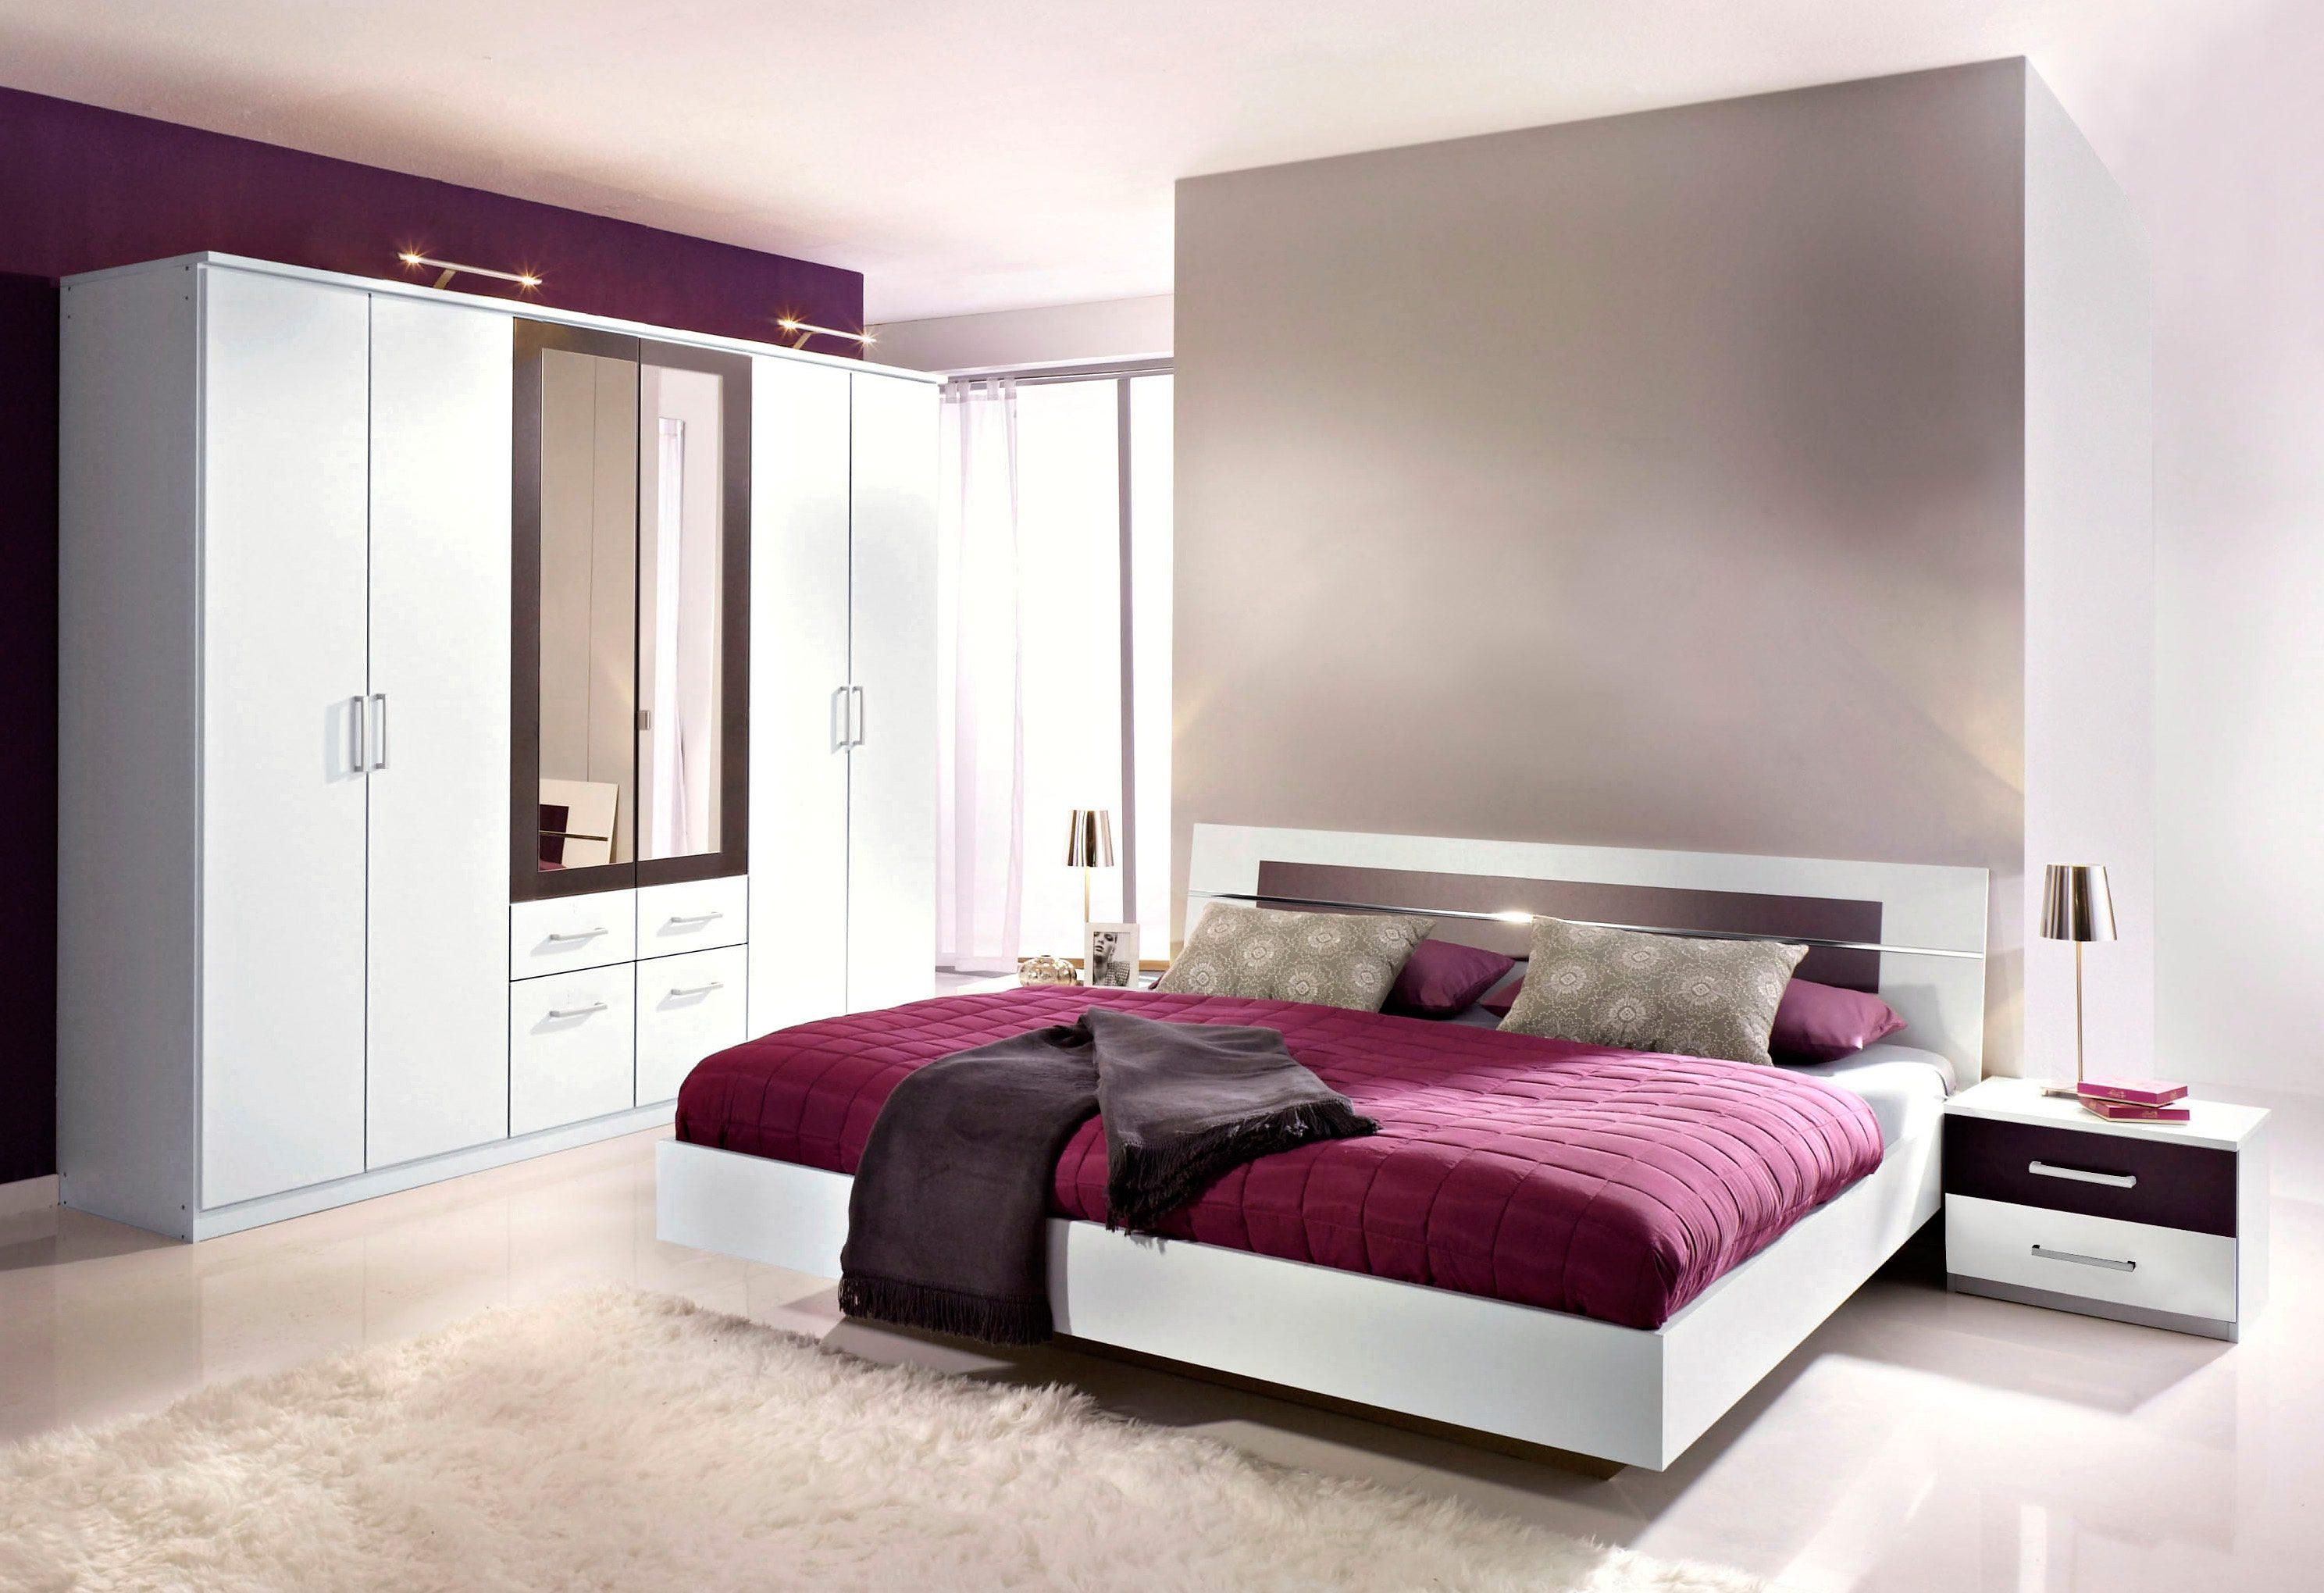 Perfekt Wohnideen Schlafzimmer ~ Rauch pack`s schlafzimmer tlg online kaufen otto